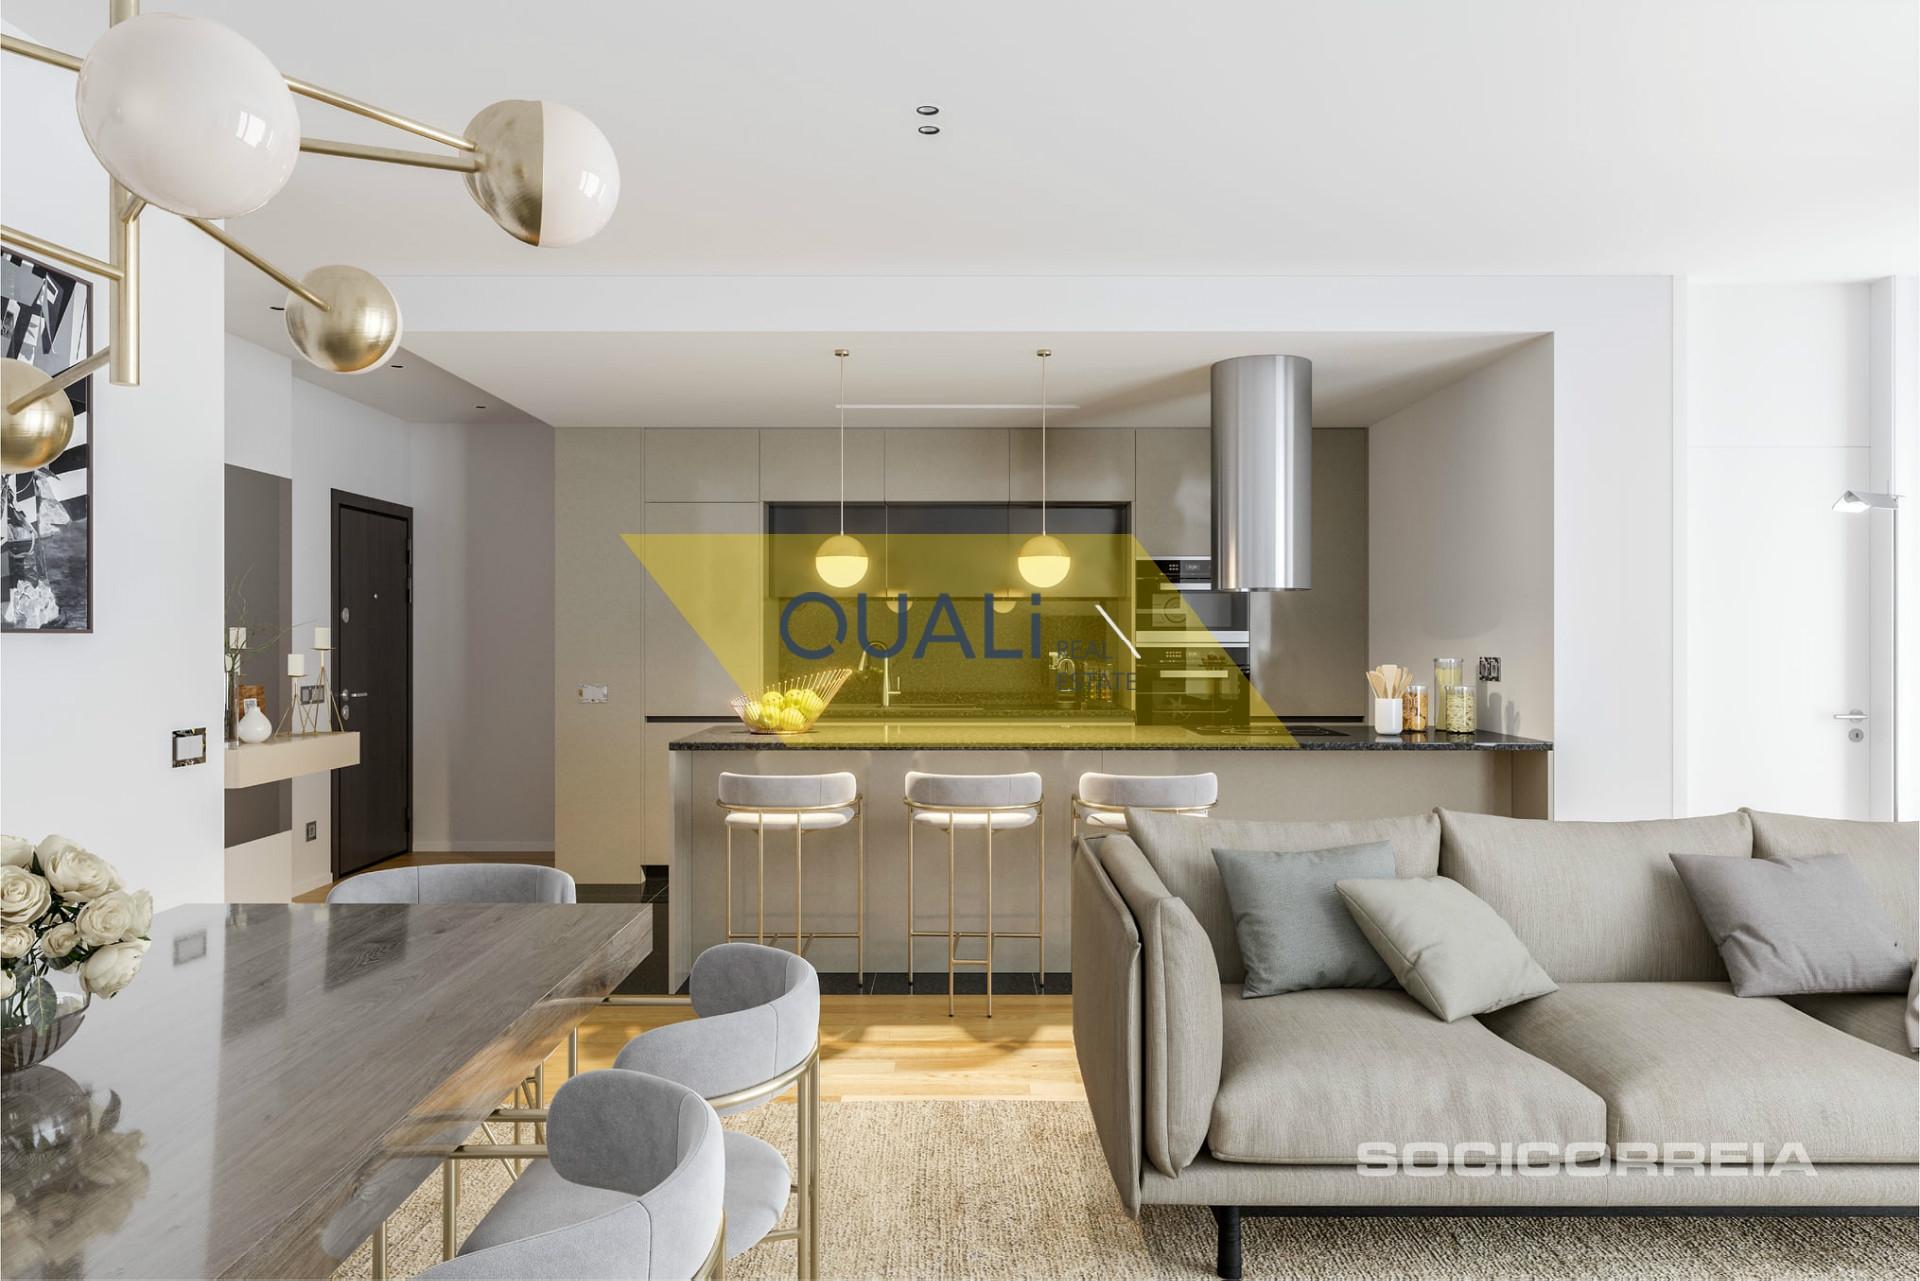 Appartamento con 1 camera da letto in vendita nelle virtù, Funchal - Isola di Madeira - € 215.500,00